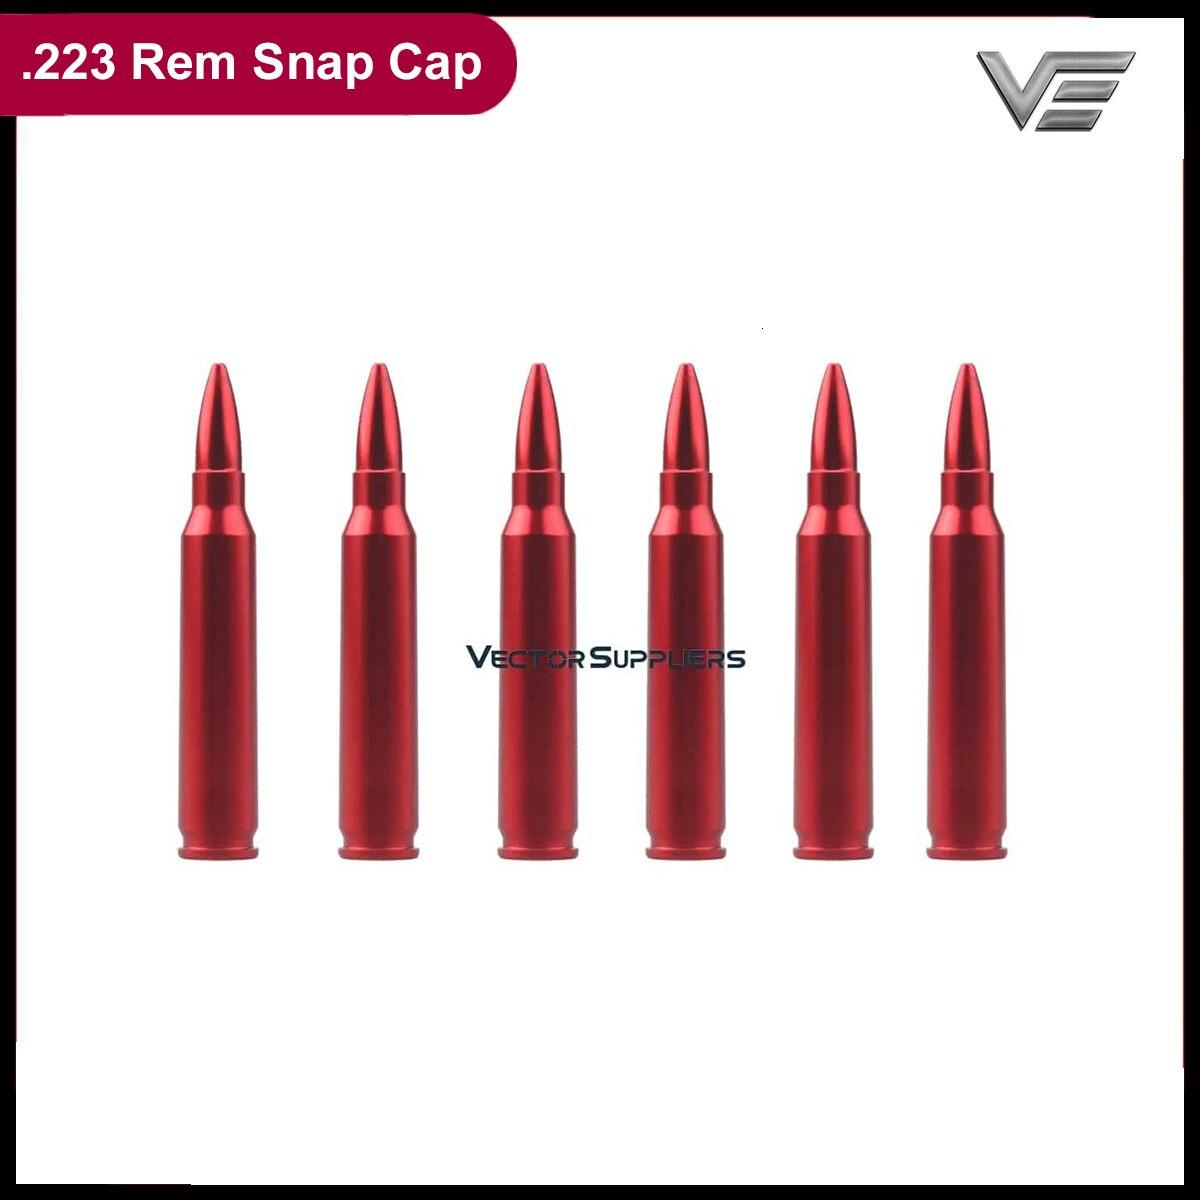 otica do vetor 9mm precisao seco dispara snap caps para o treinamento de seguranca patrice rodadas